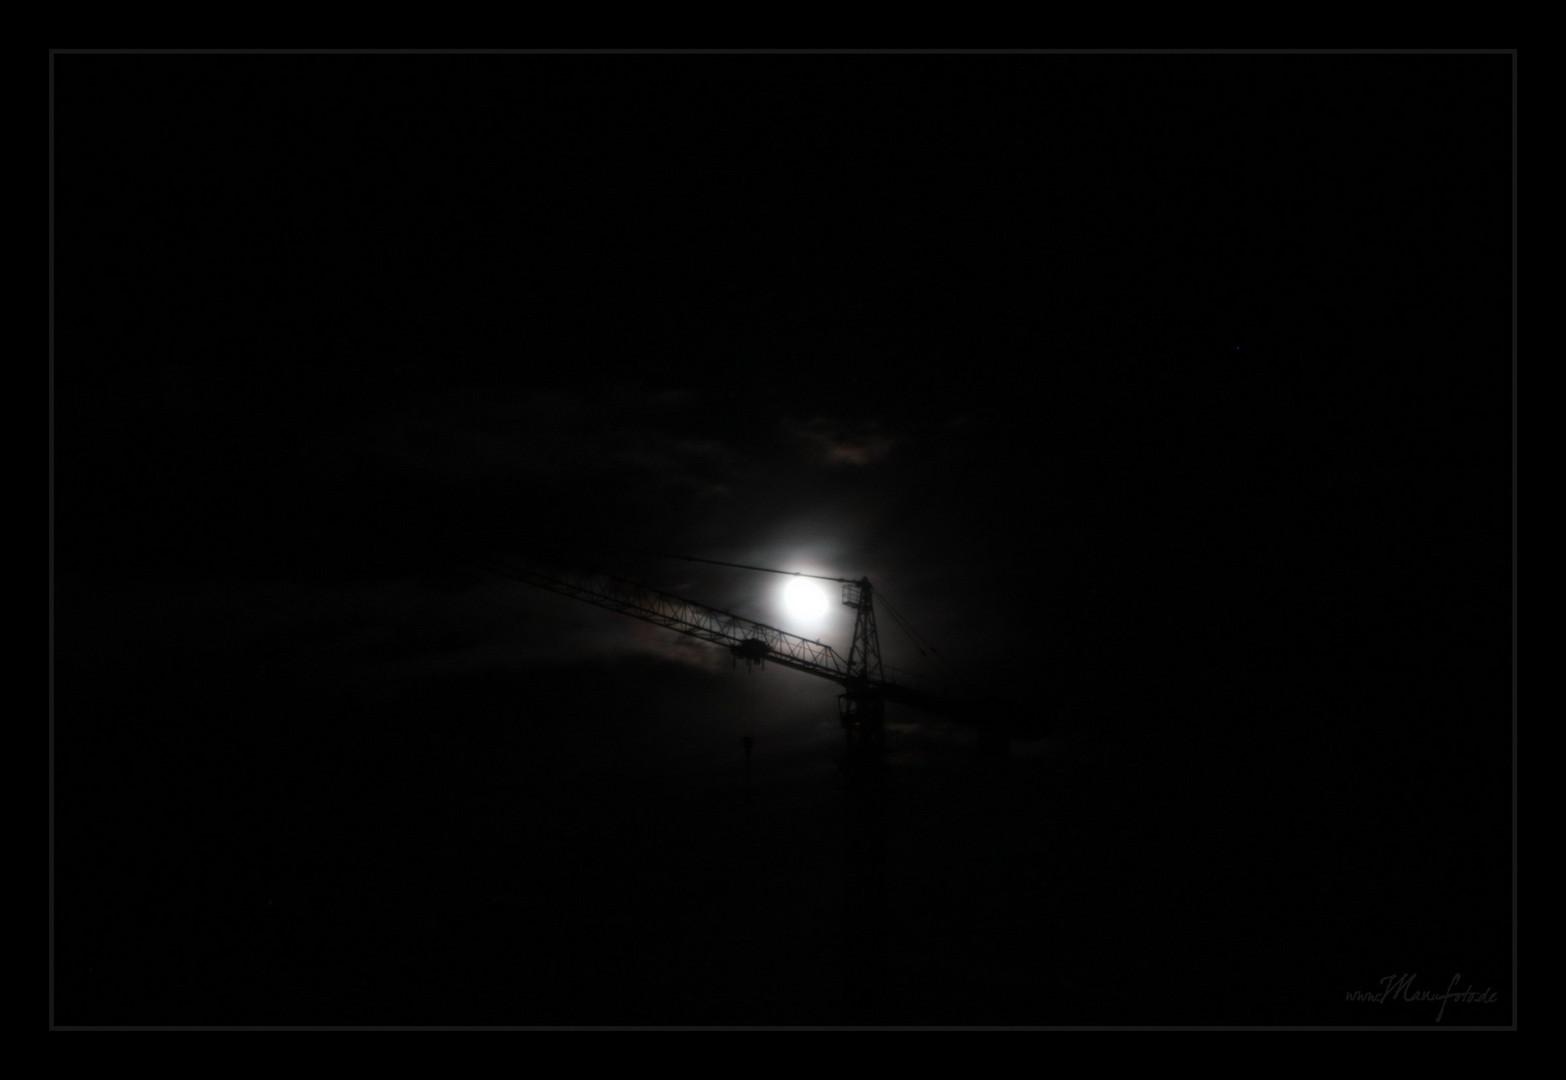 Lichtkugel in Gefangenschaft